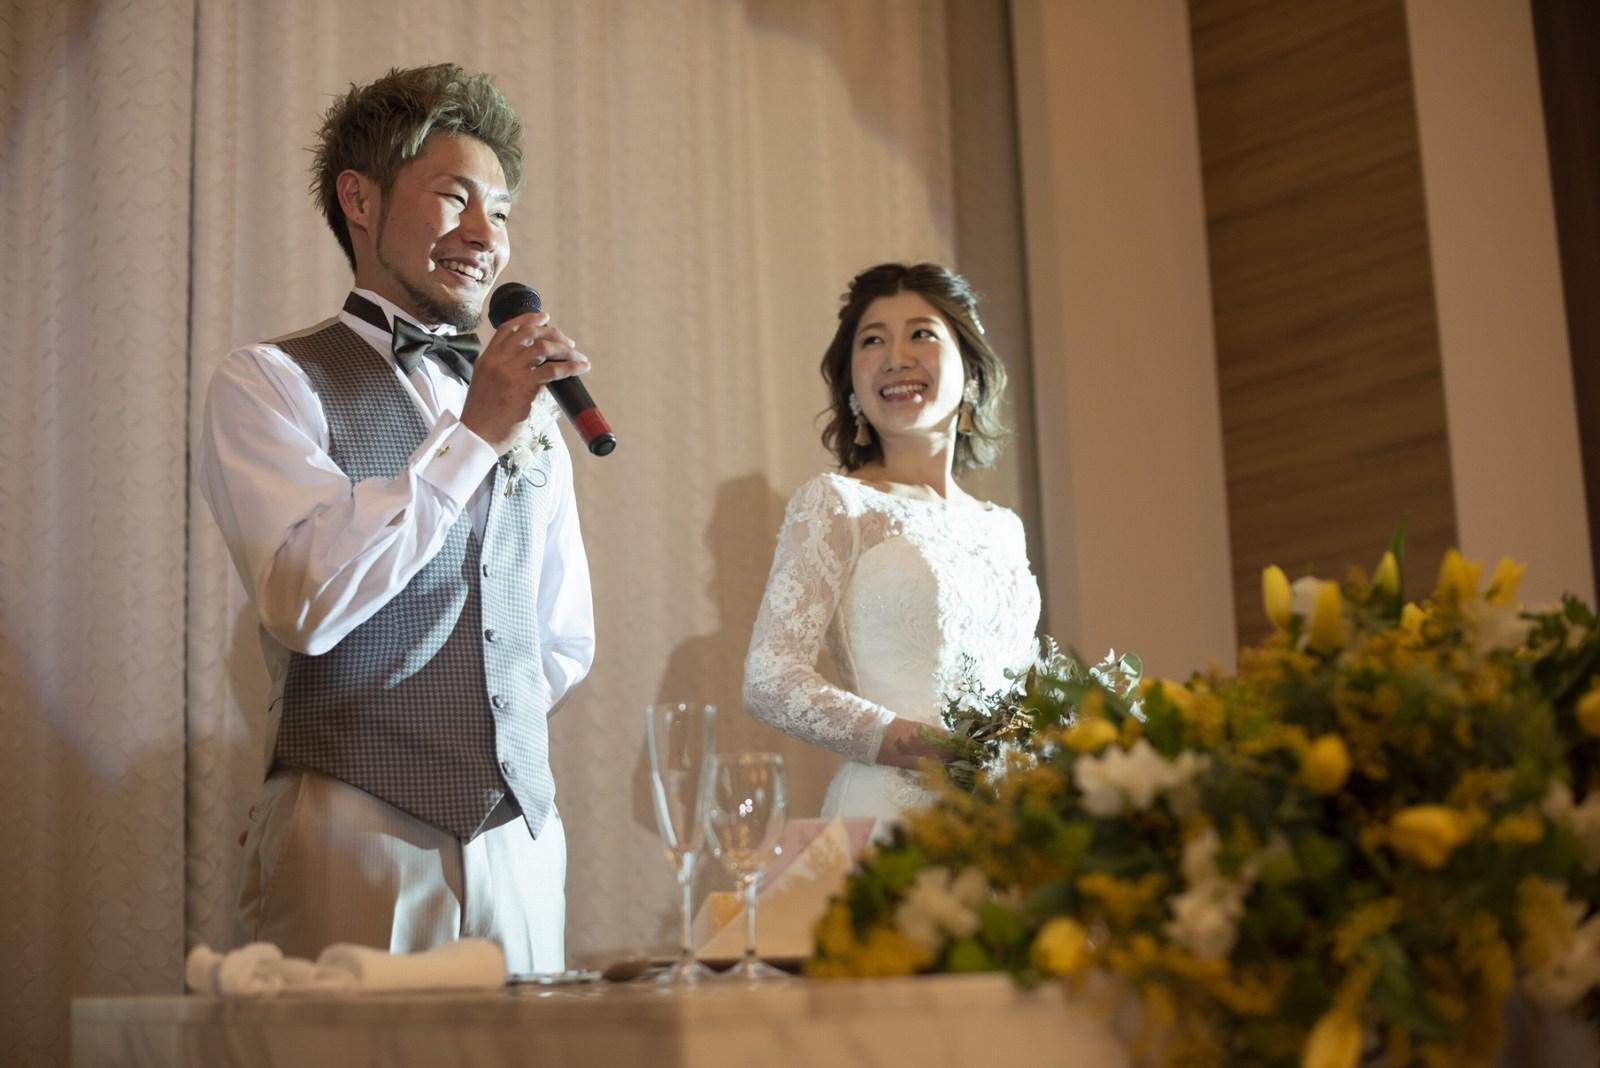 香川県の結婚式場シェルエメール&アイスタイルのウェルカムスピーチ